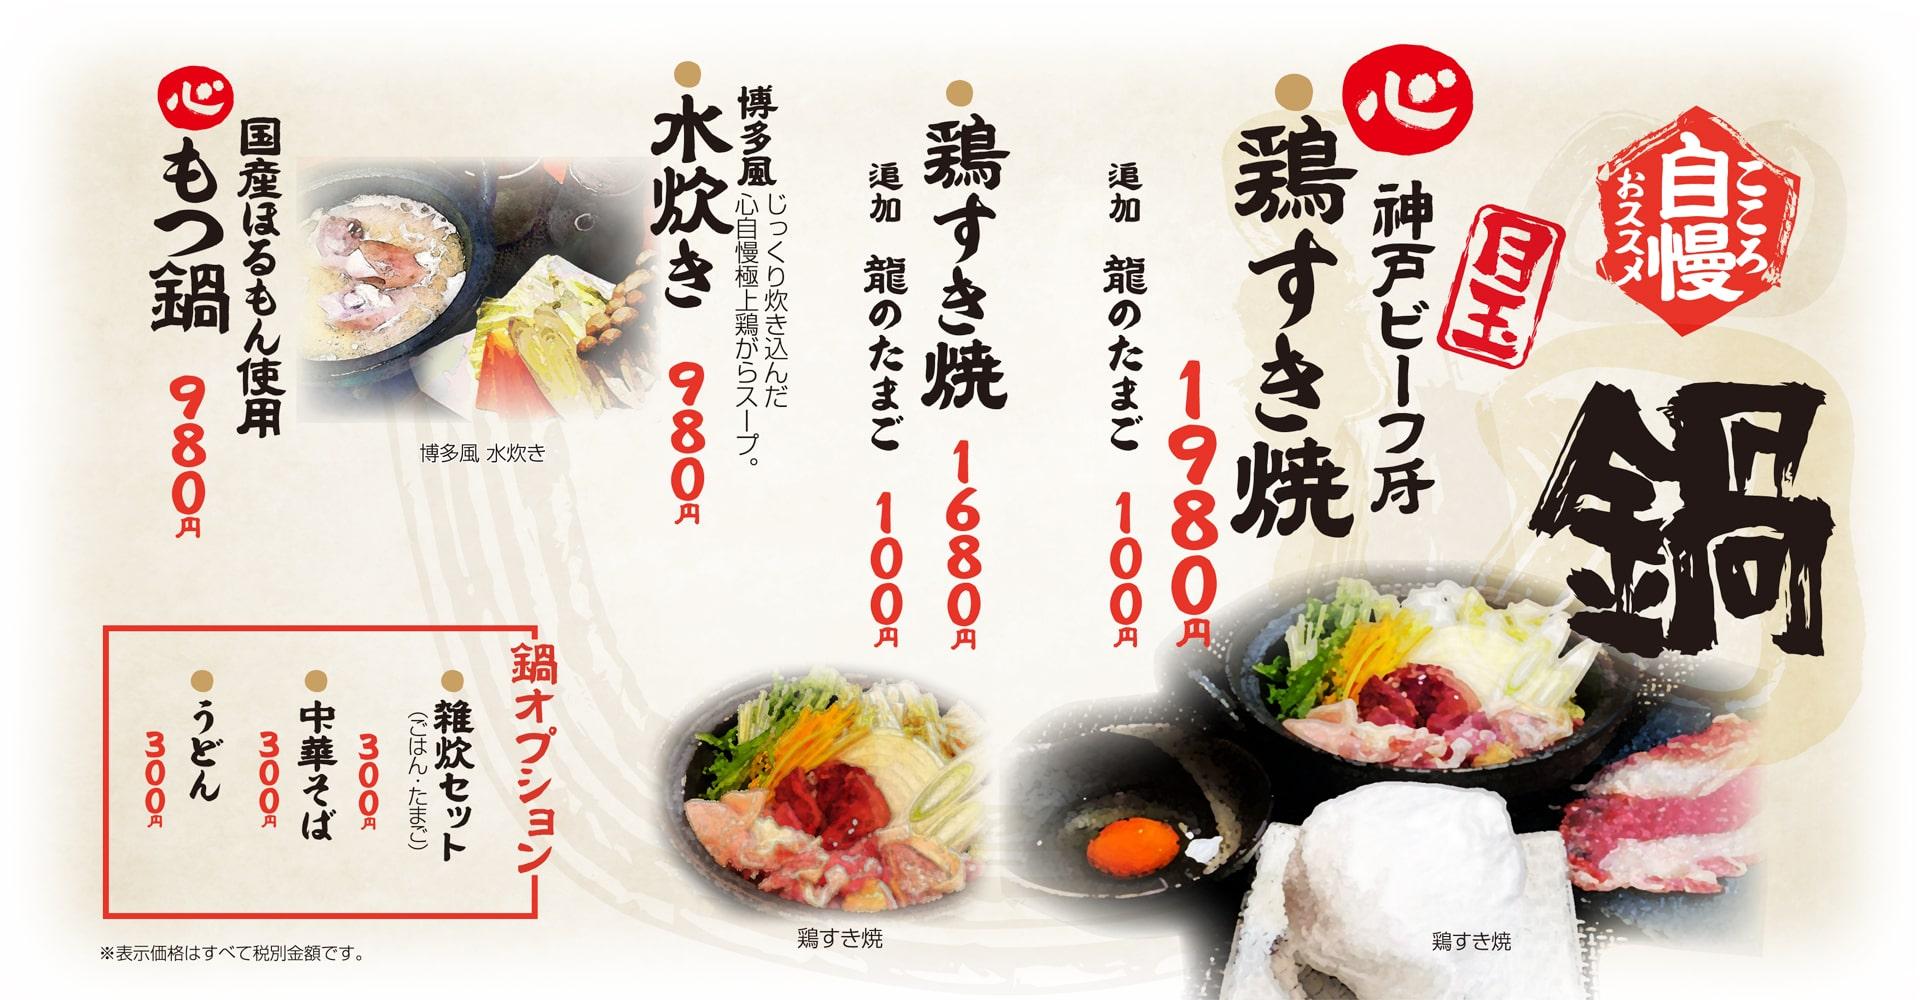 心八剣伝 鍋